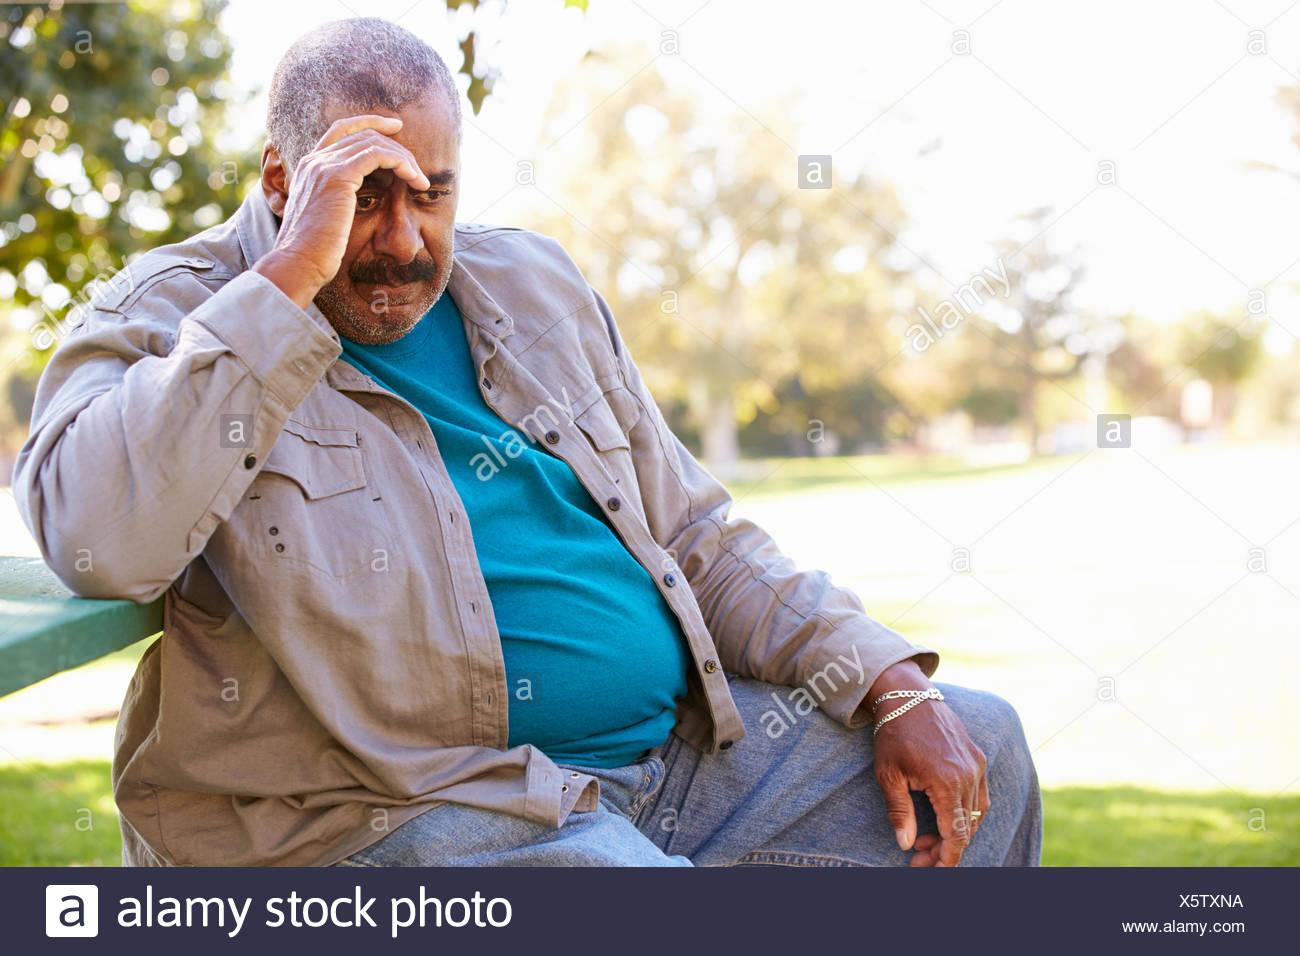 Pisado altos hombre sentado fuera Imagen De Stock